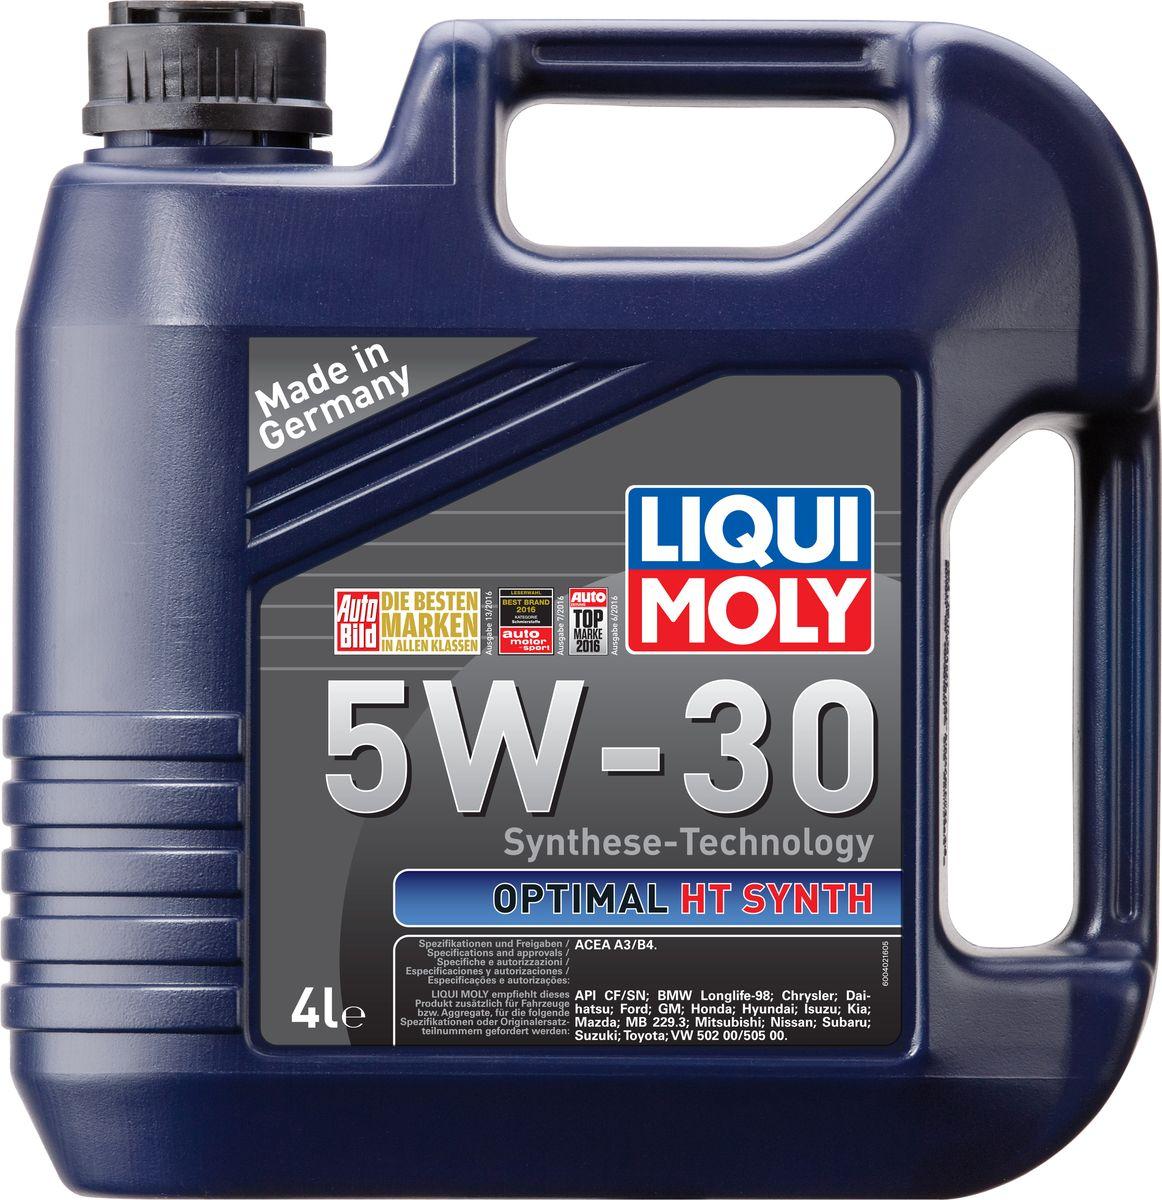 Масло моторное Liqui Moly Optimal HT Synth, НС-синтетическое, 5W-30, 4 л нс синтетическое моторное масло liqui moly optimal ht synth 5w 30 a3 b4 1л 39000